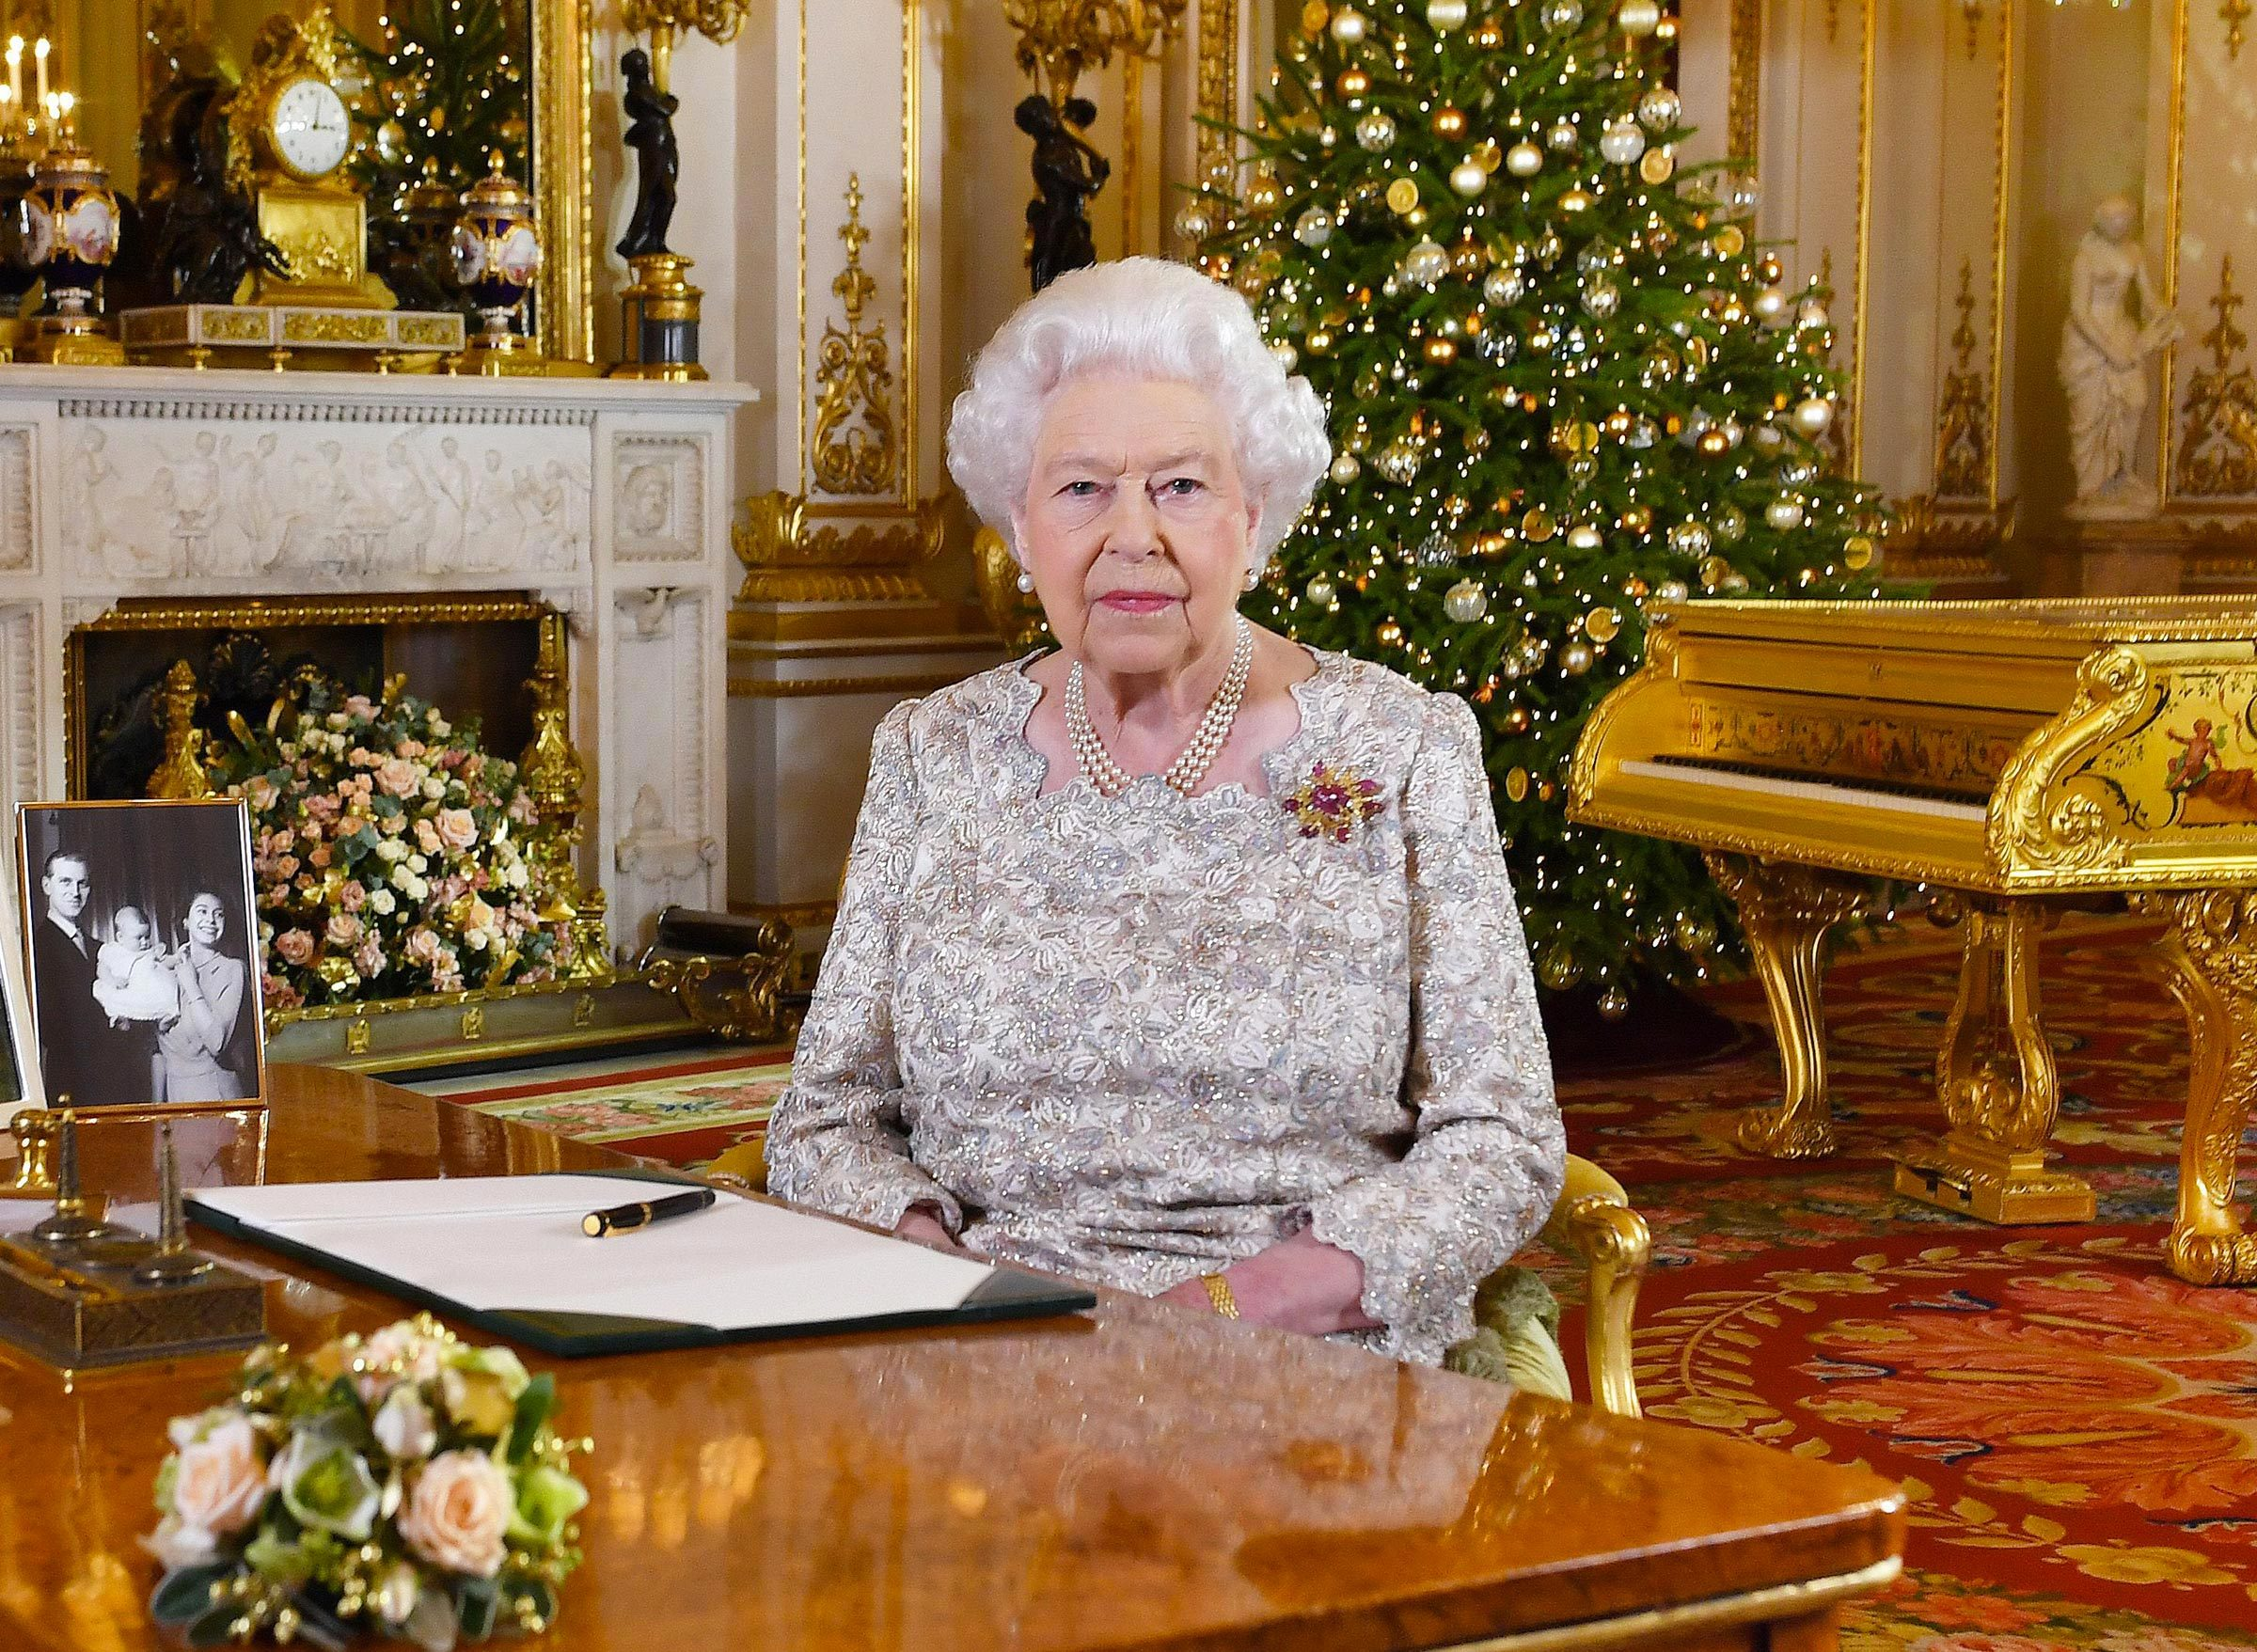 Monument célèbre qui dissimule une pièce secrète : Buckingham Palace.